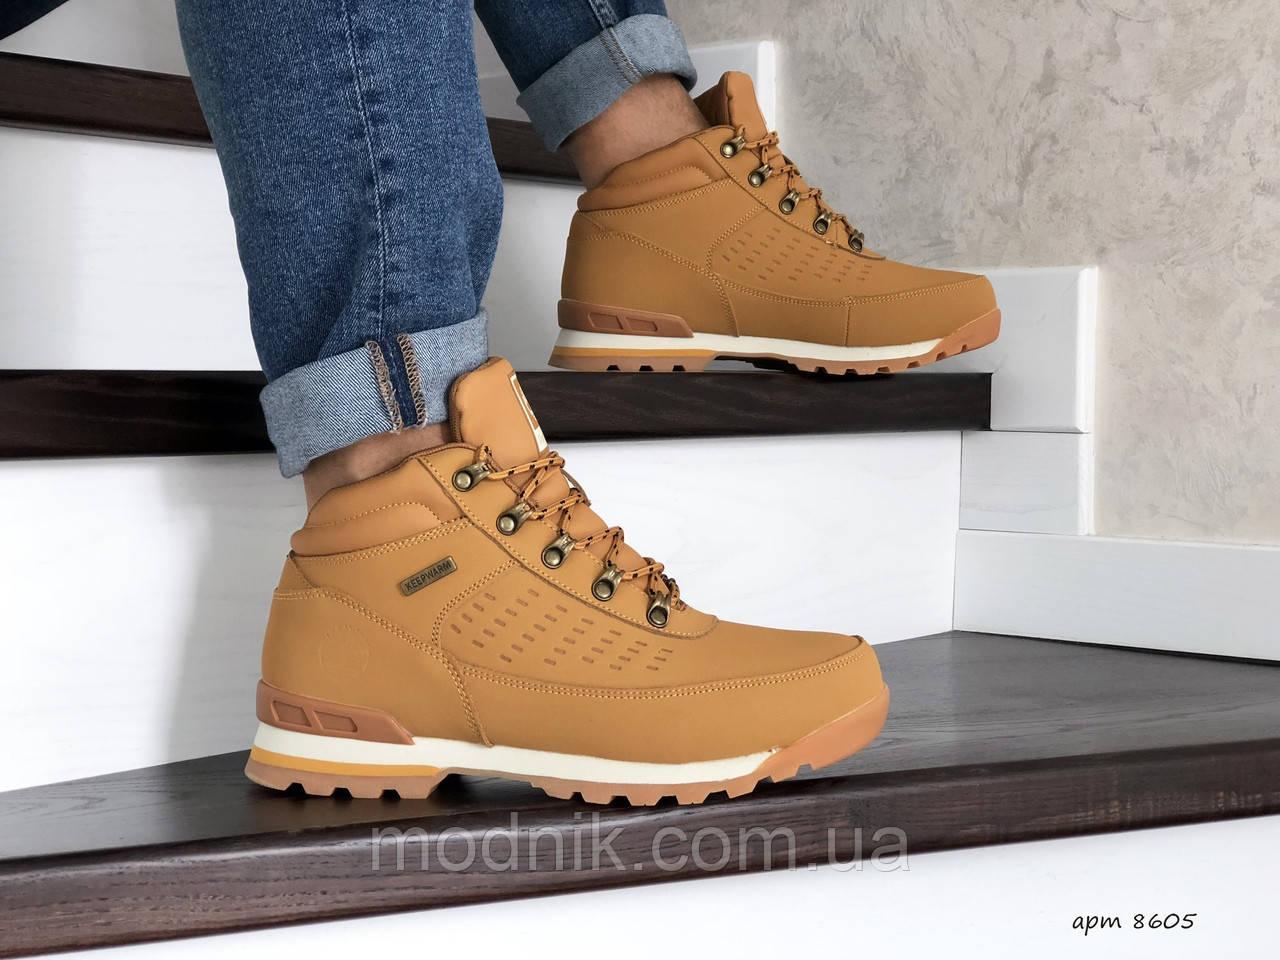 Мужские ботинки Timberland (горчичные) ЗИМА